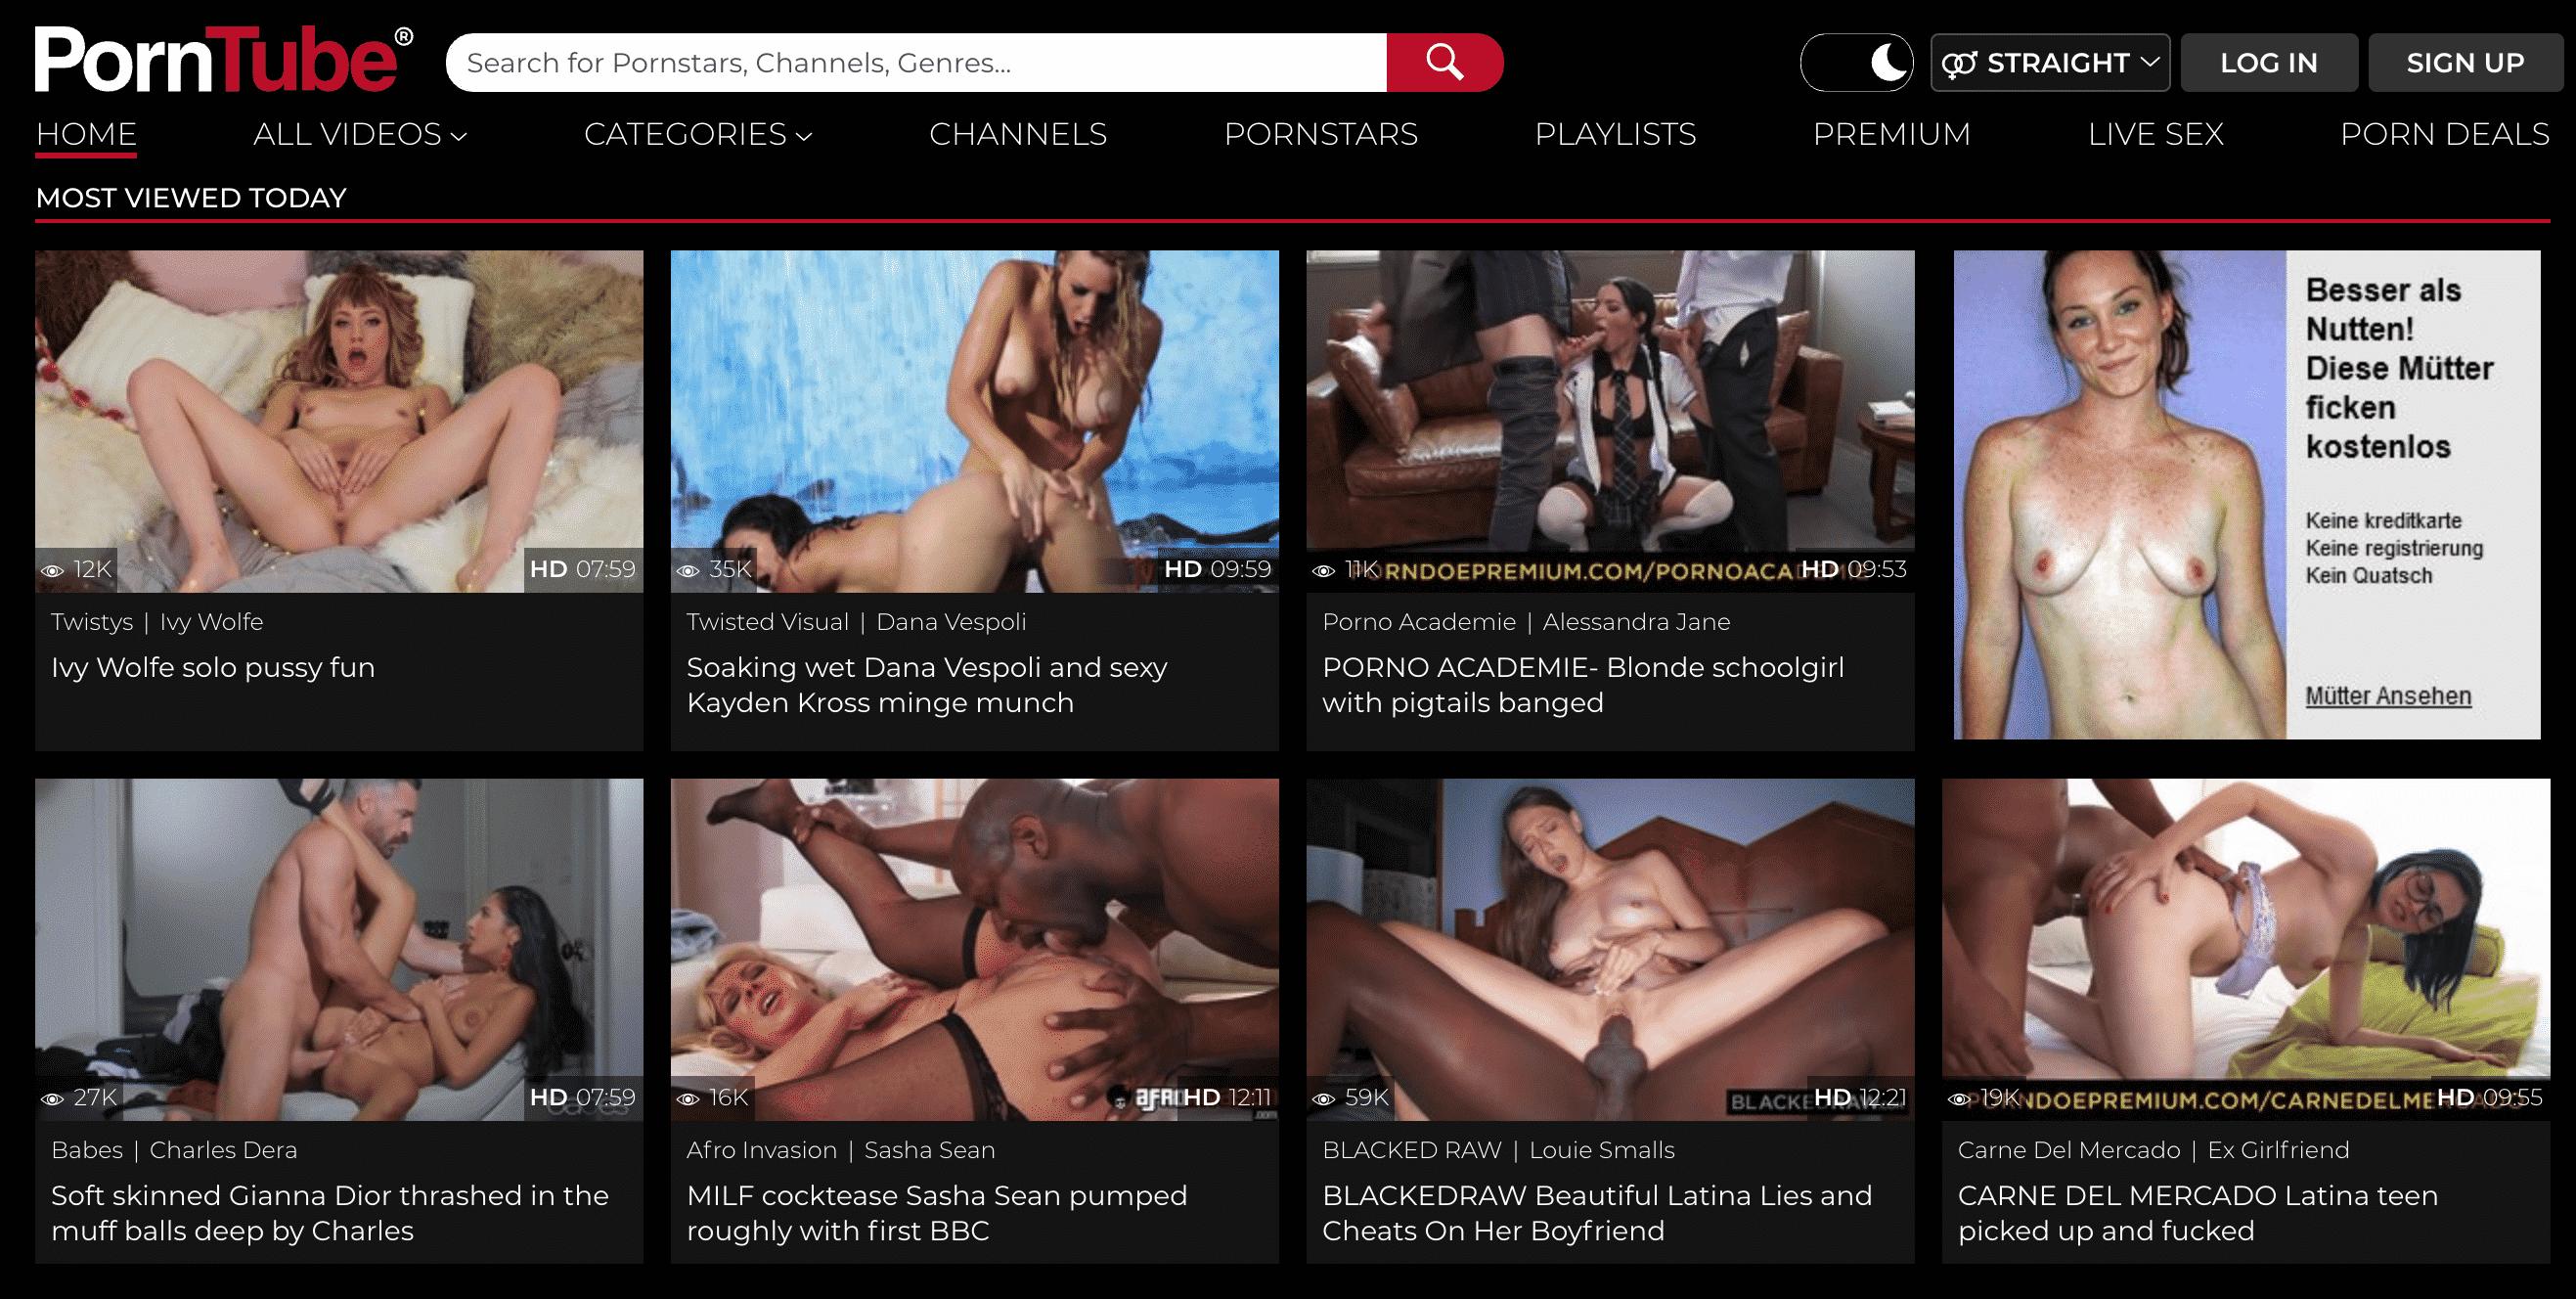 PornTube.com gefällt uns wegen der Einfachheit